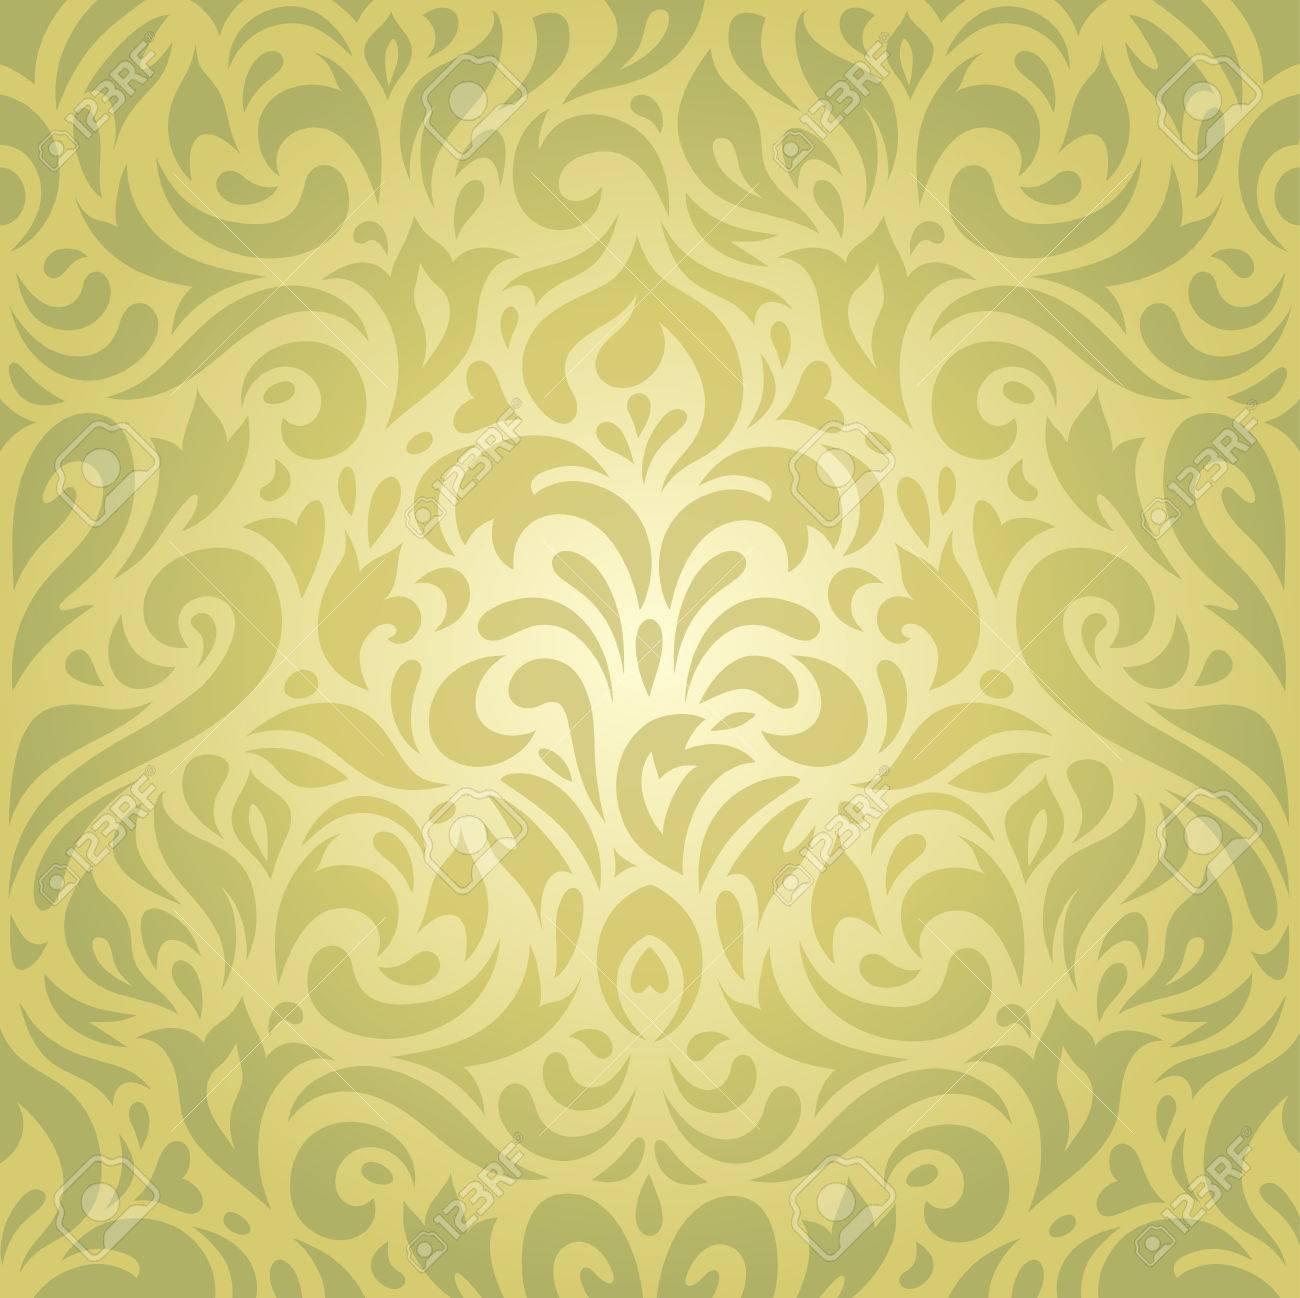 Floral Green Vintage Decorative Holiday Retro Wallpaper Vector ...